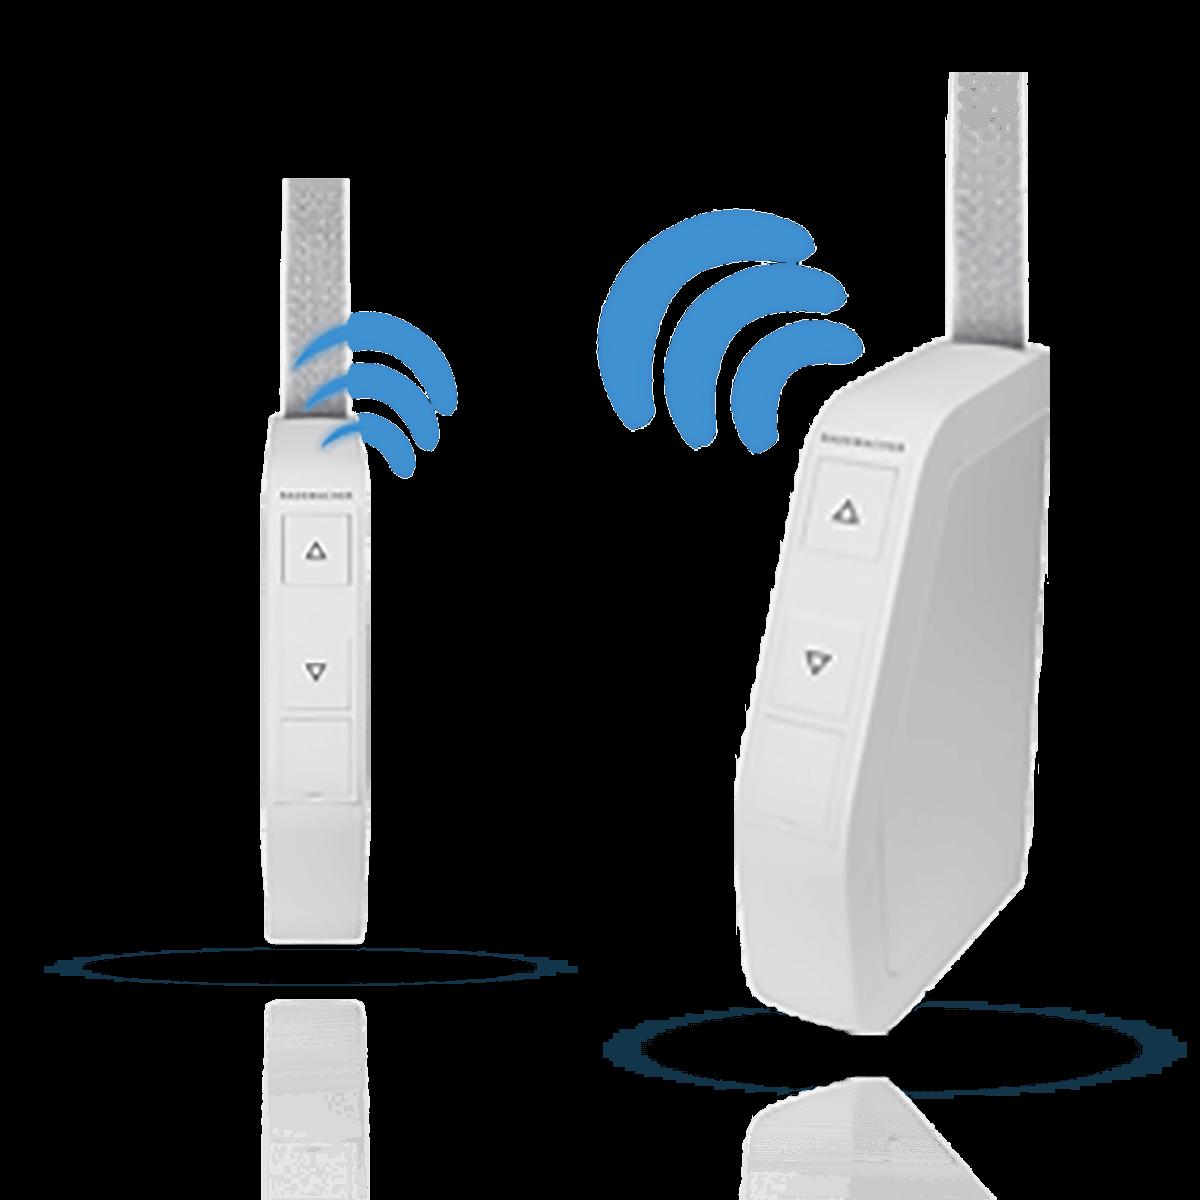 Rademacher Funk-Schwenkwickler RolloTron Standard in weiß, Aufputz, für Maxi-Gurte (23 mm Breite), DuoFern-Funk